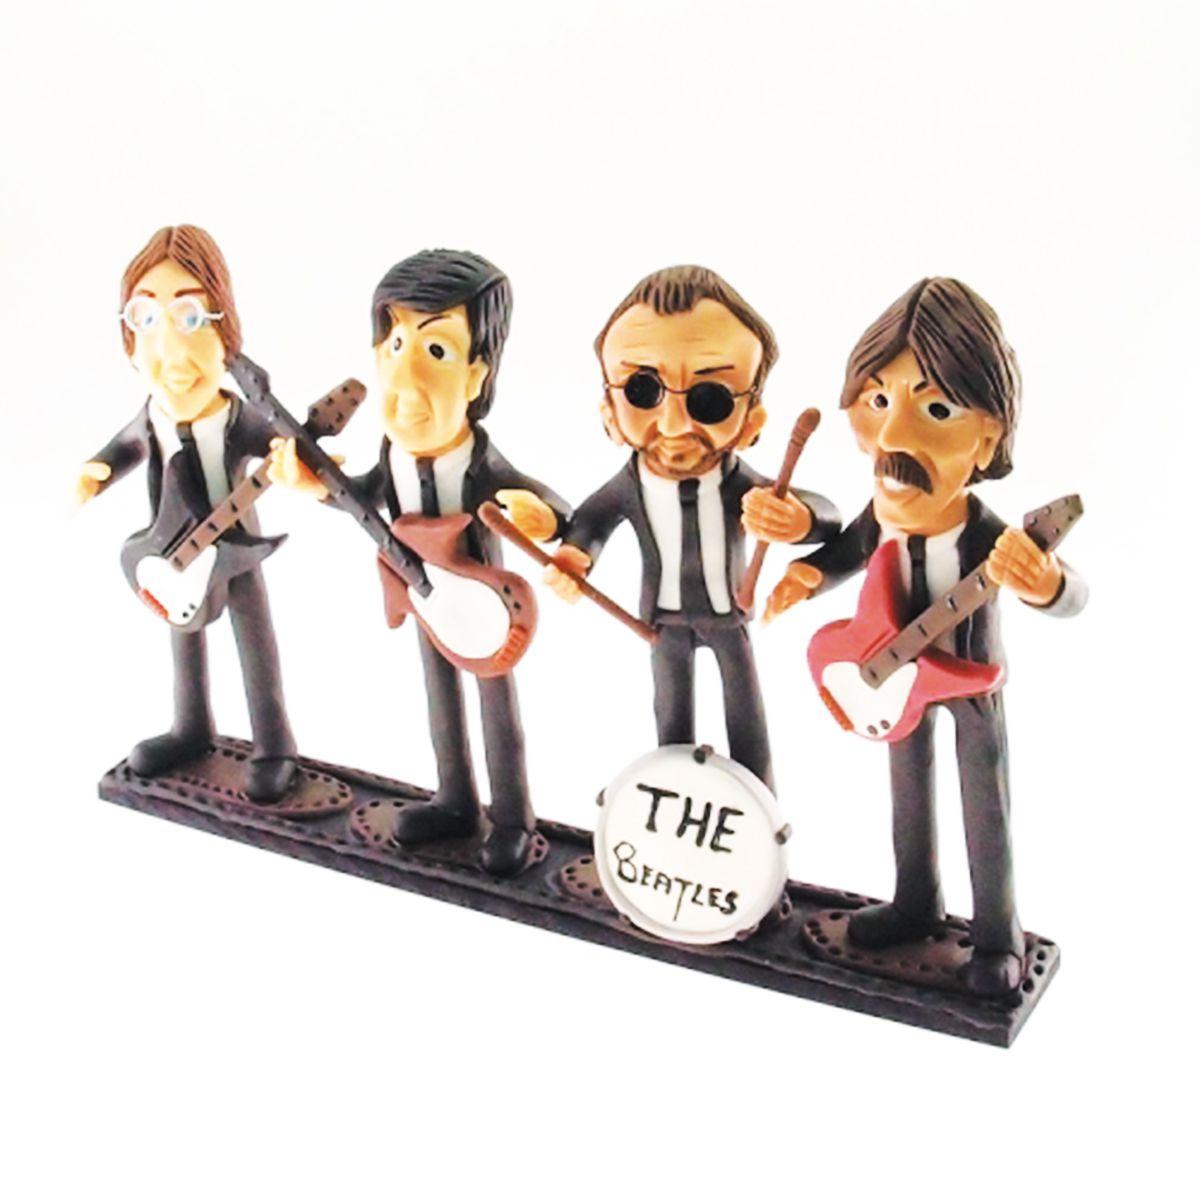 Caricatura feita a mão da banda The Beatles peça única